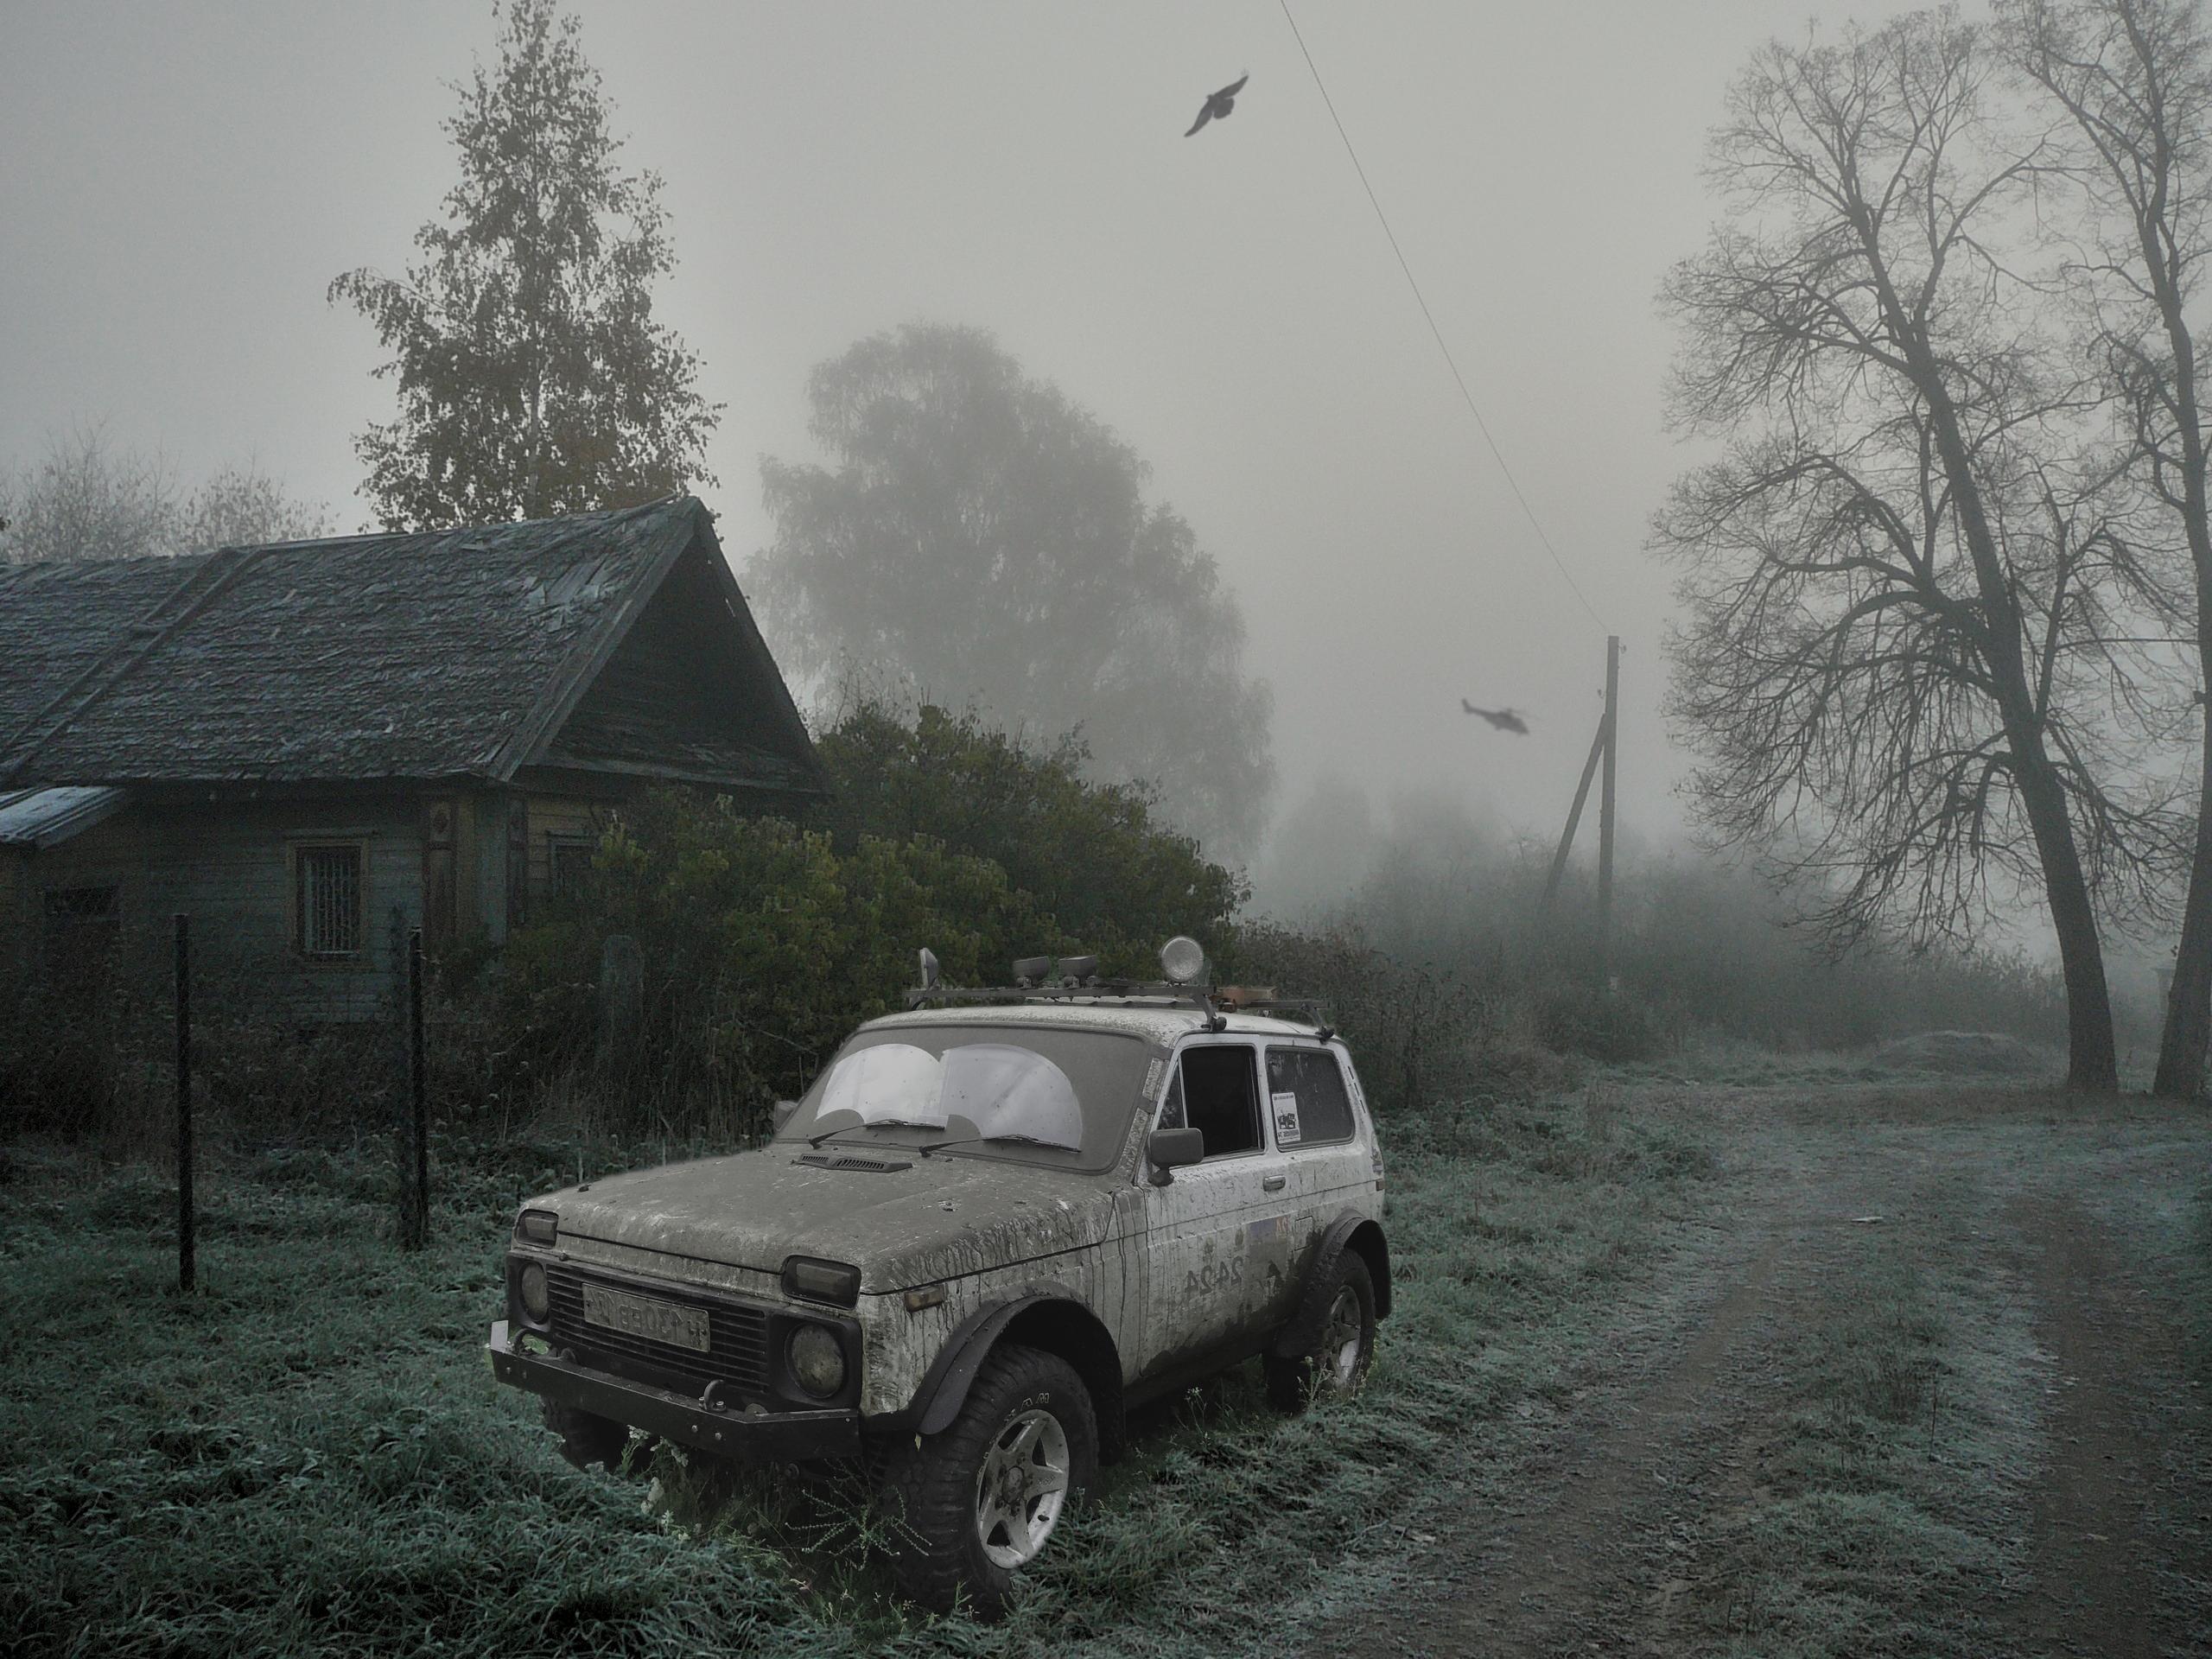 109152 Hintergrundbild herunterladen Hubschrauber, Stalker, Cars, Wald, Monster - Bildschirmschoner und Bilder kostenlos